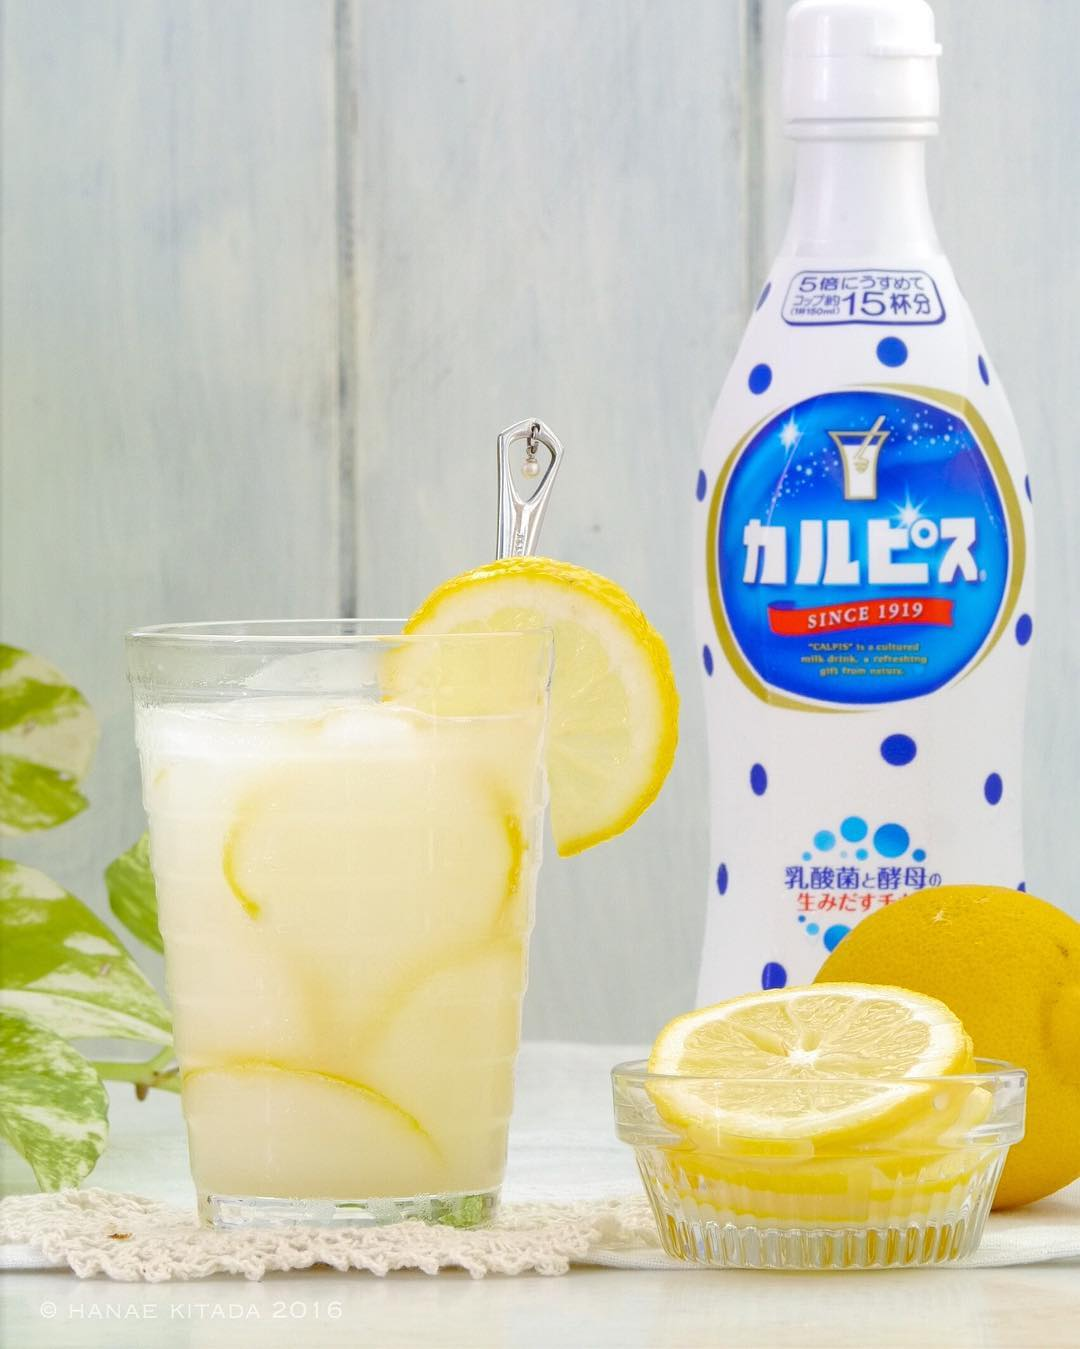 ホットカルピスのレモン味の作り方?簡単レシピを紹介